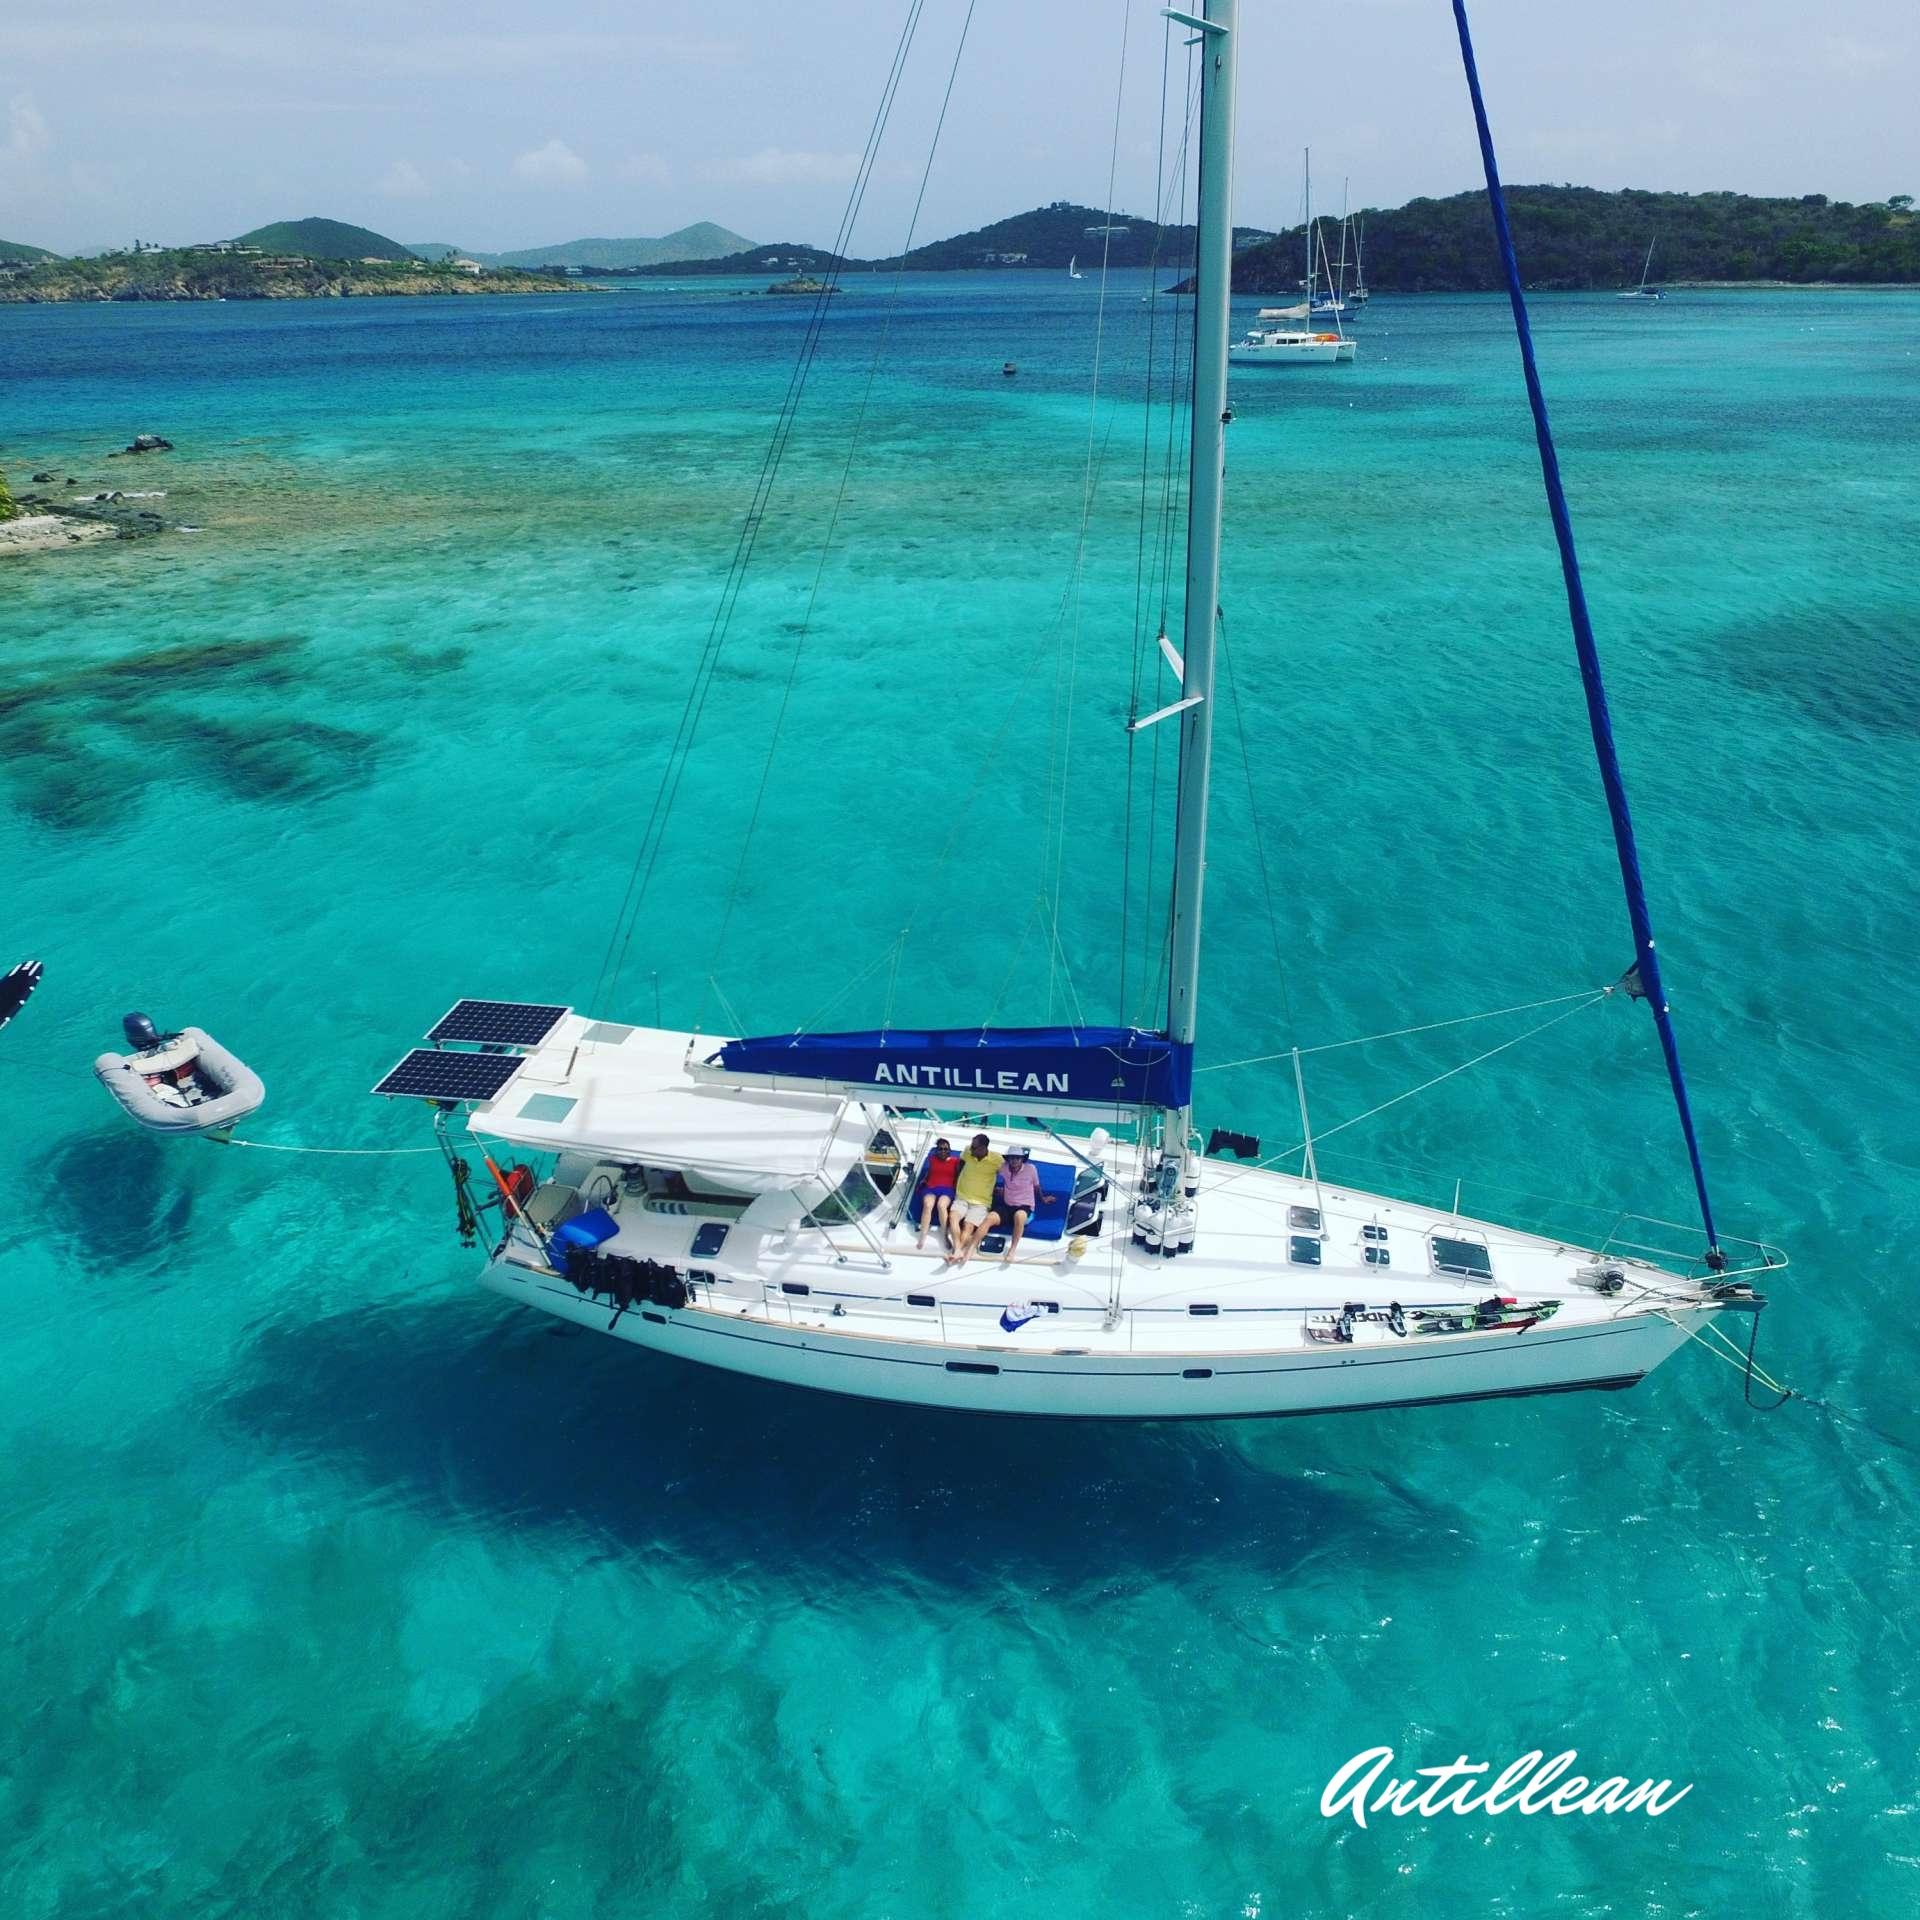 Antillean - monohull at anchor.jpg